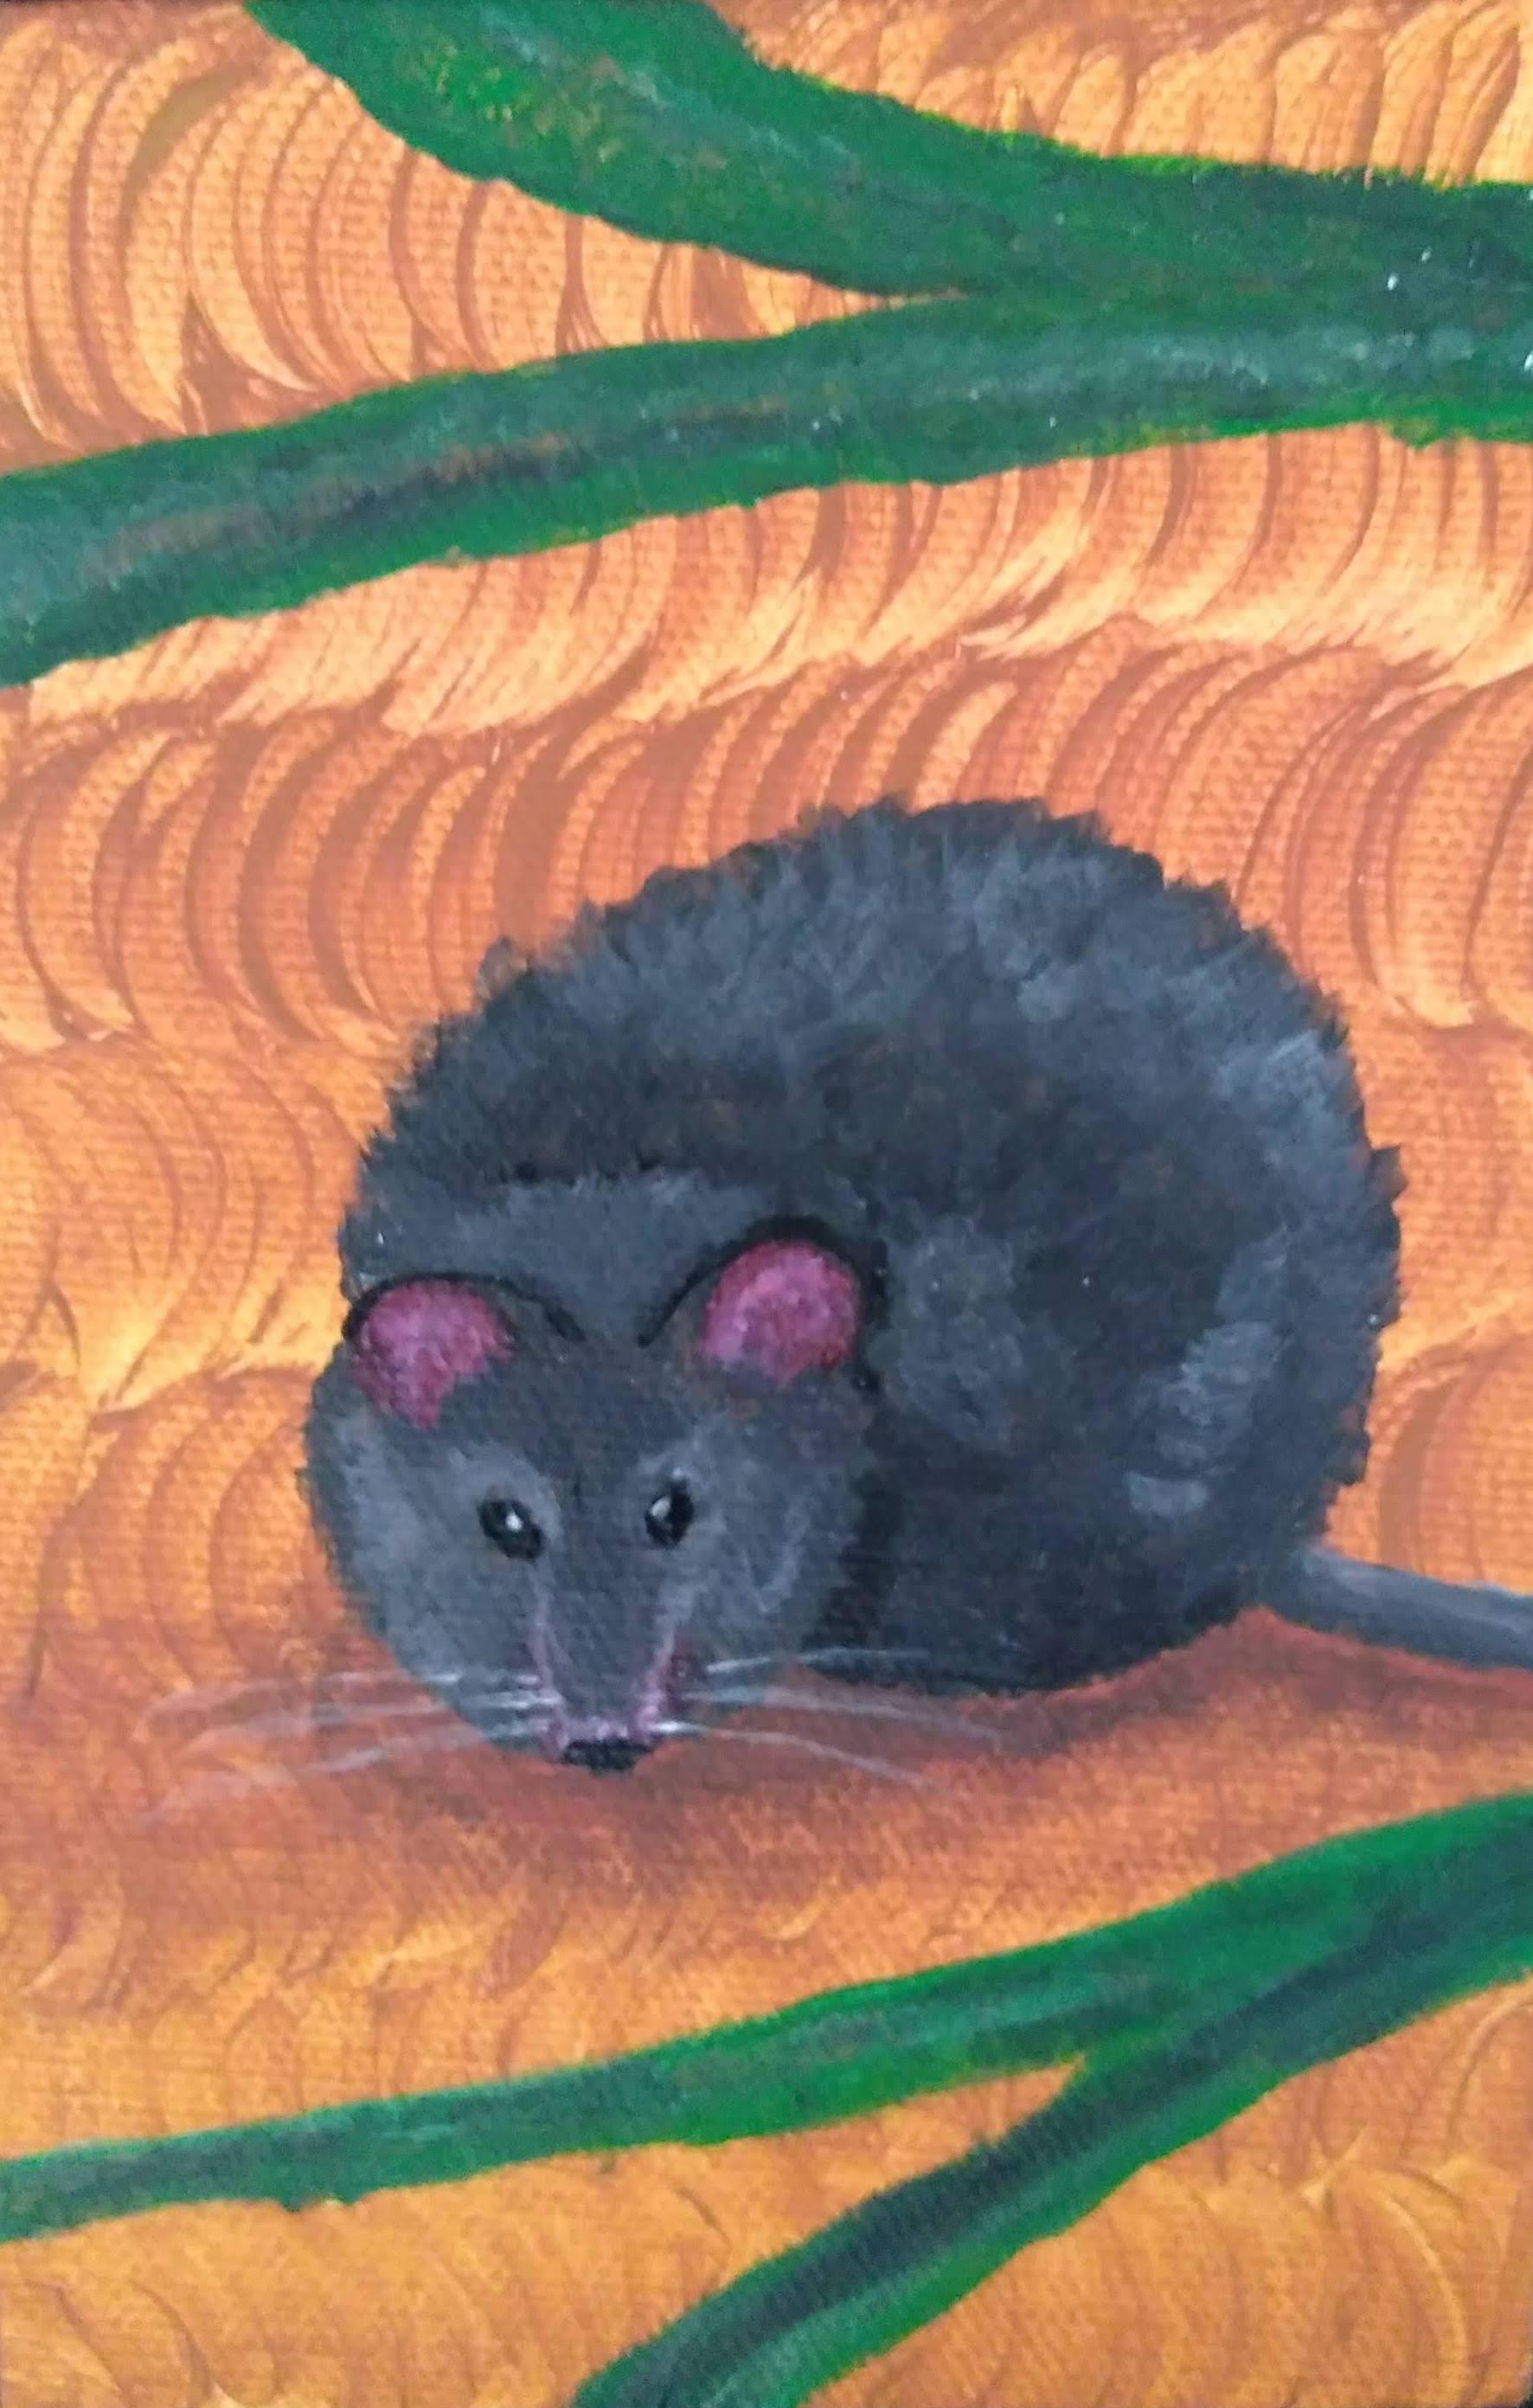 64_Monita_Gangavarapu__Antechinus-_Marsupial_Carnivore.jpg